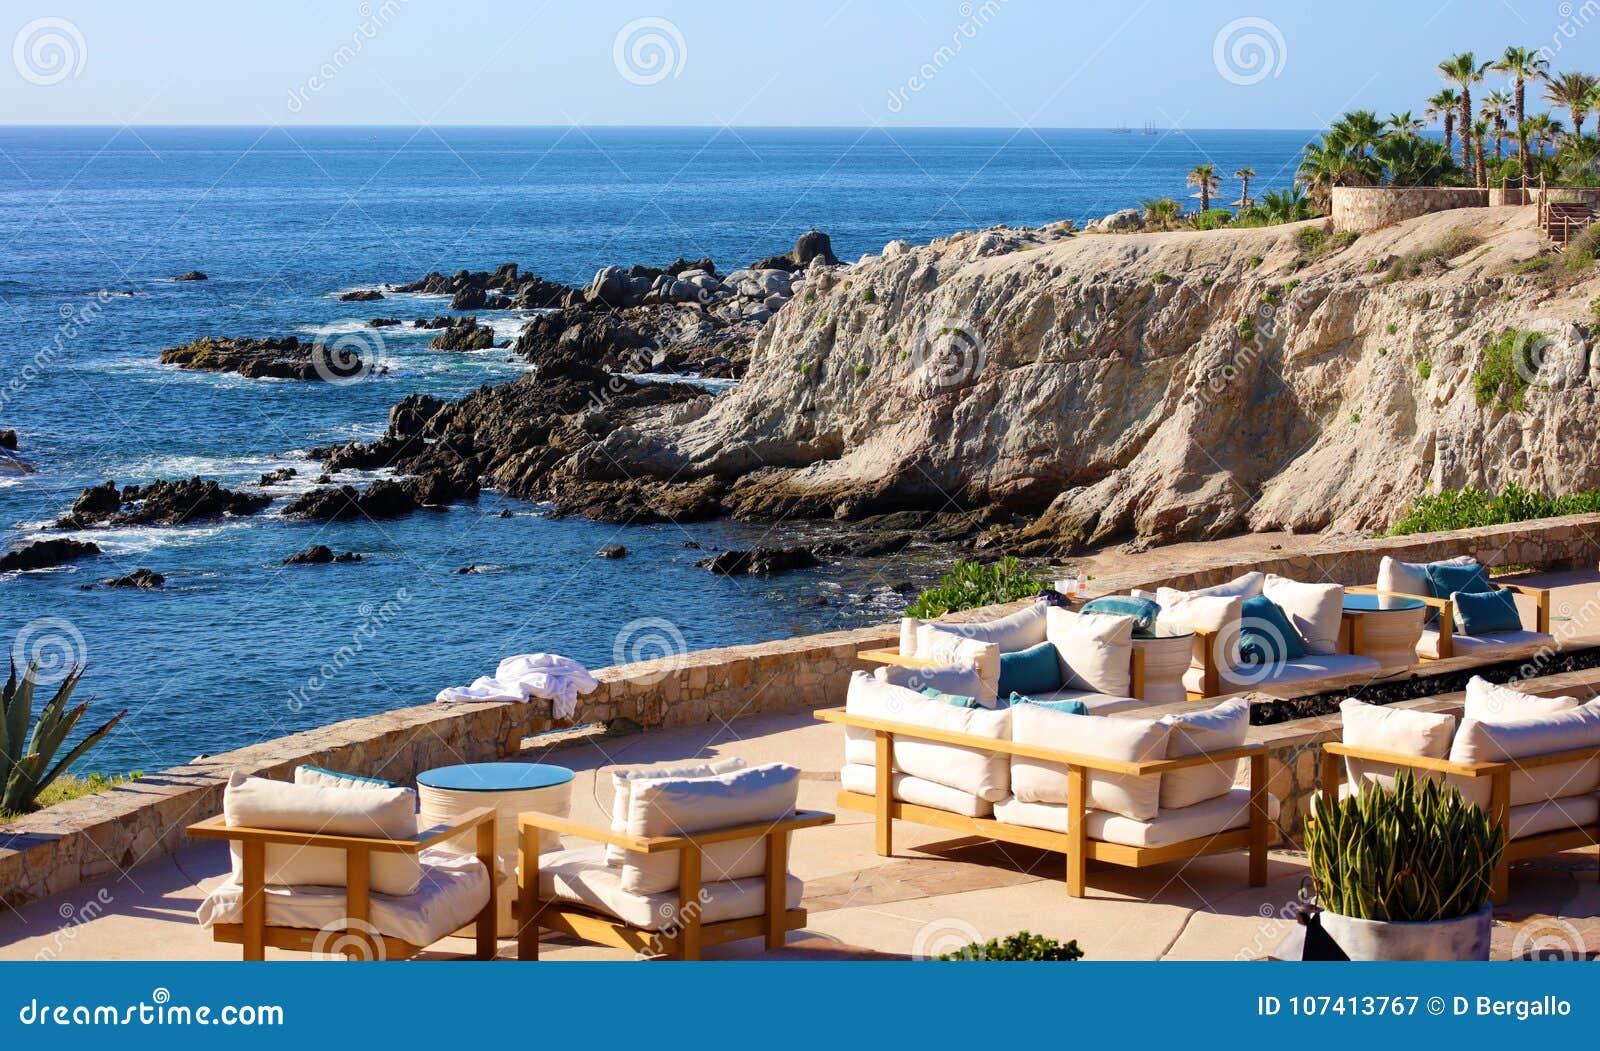 Relaxe a vista para o mar do lugar no penhasco rochoso no restaurante agradável do hotel de Califórnia Los Cabos México com vista